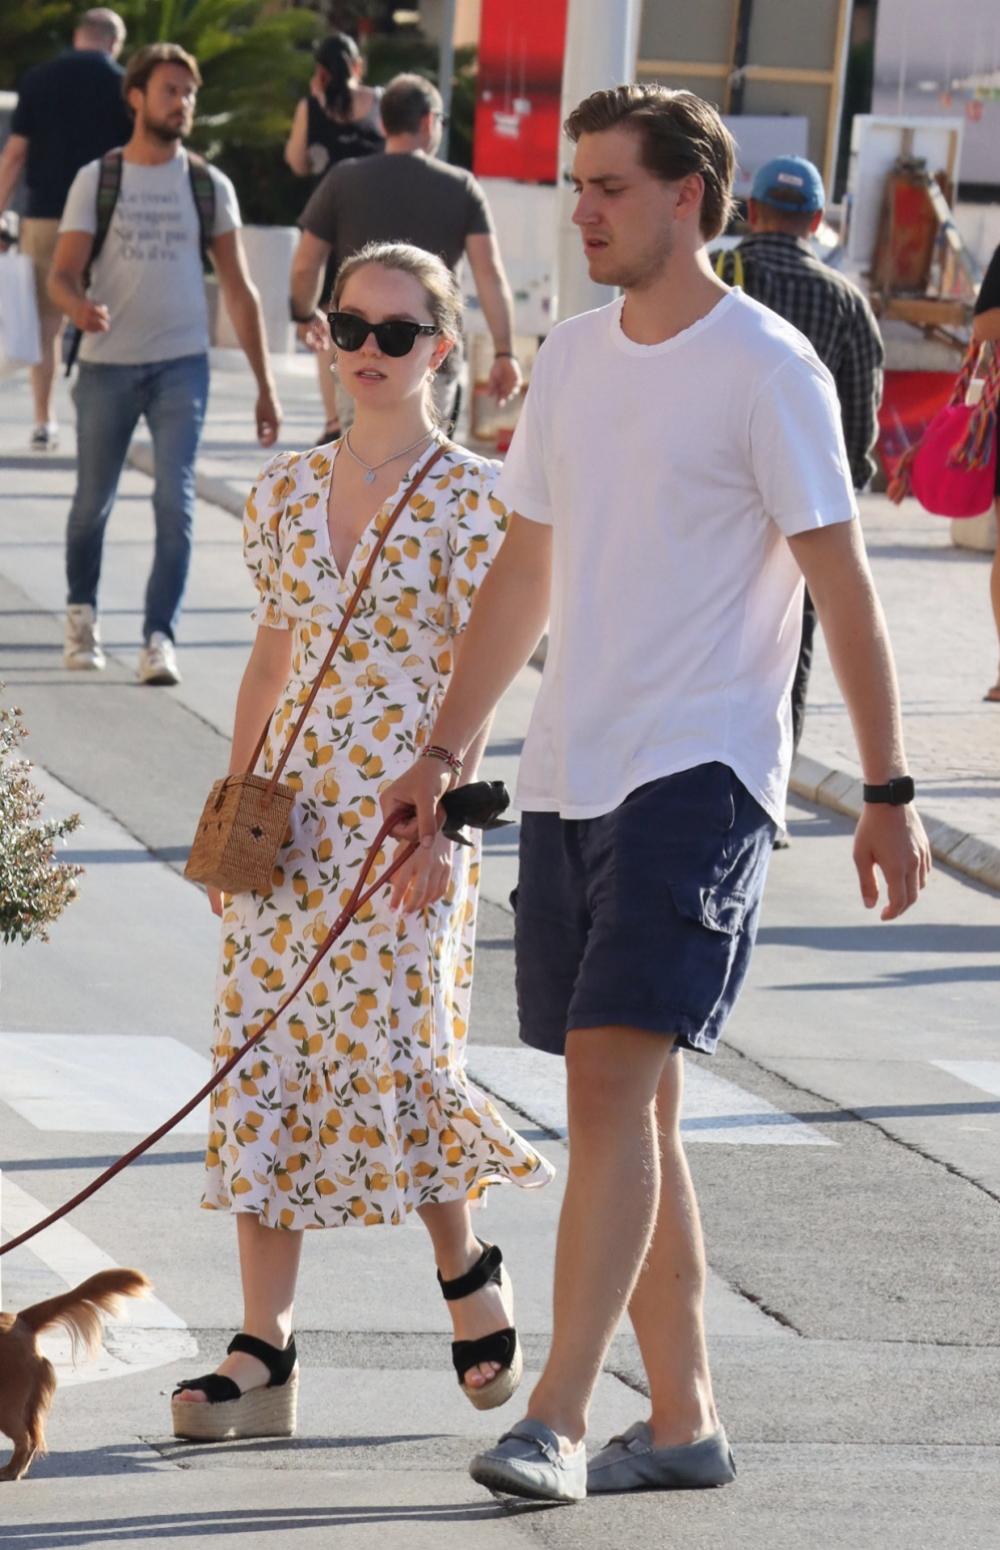 Alexandra de Hannover paseando junto a su novio en Saint Tropez.